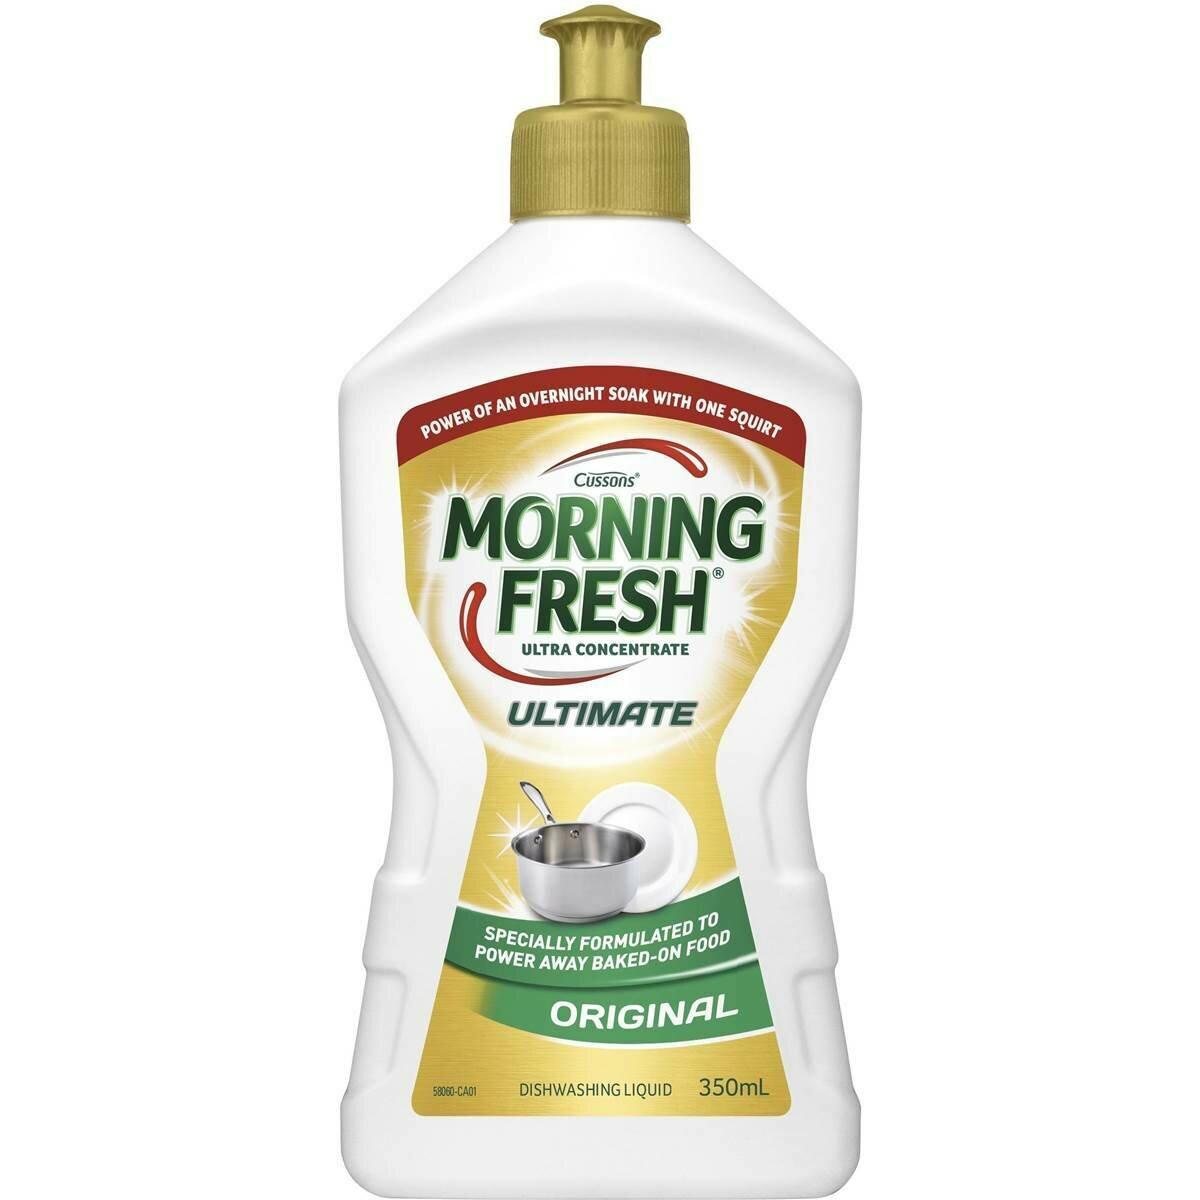 Morning Fresh 350ml